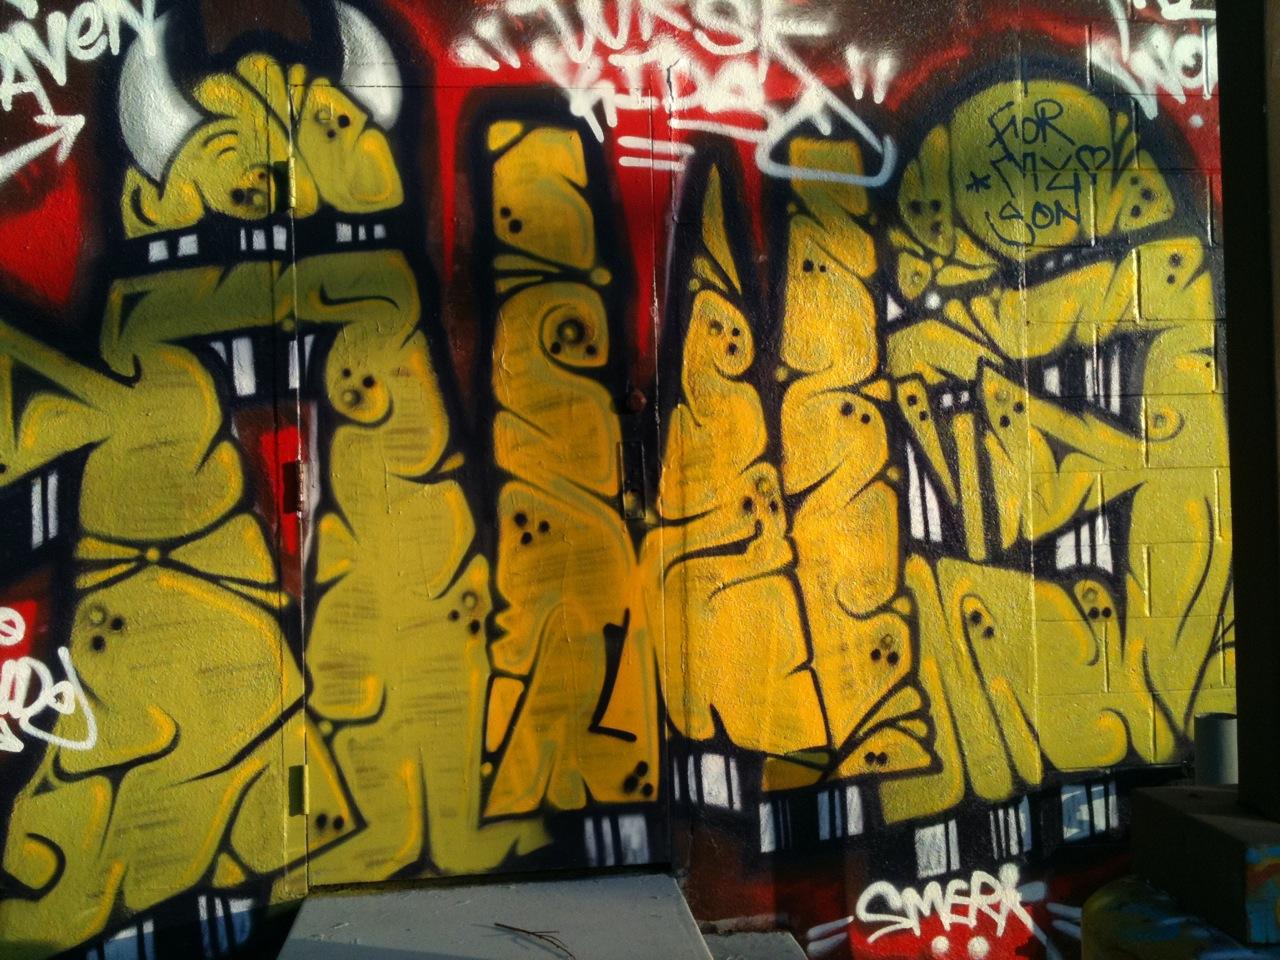 MAINTAIN LA: More North East L.A. Graffiti